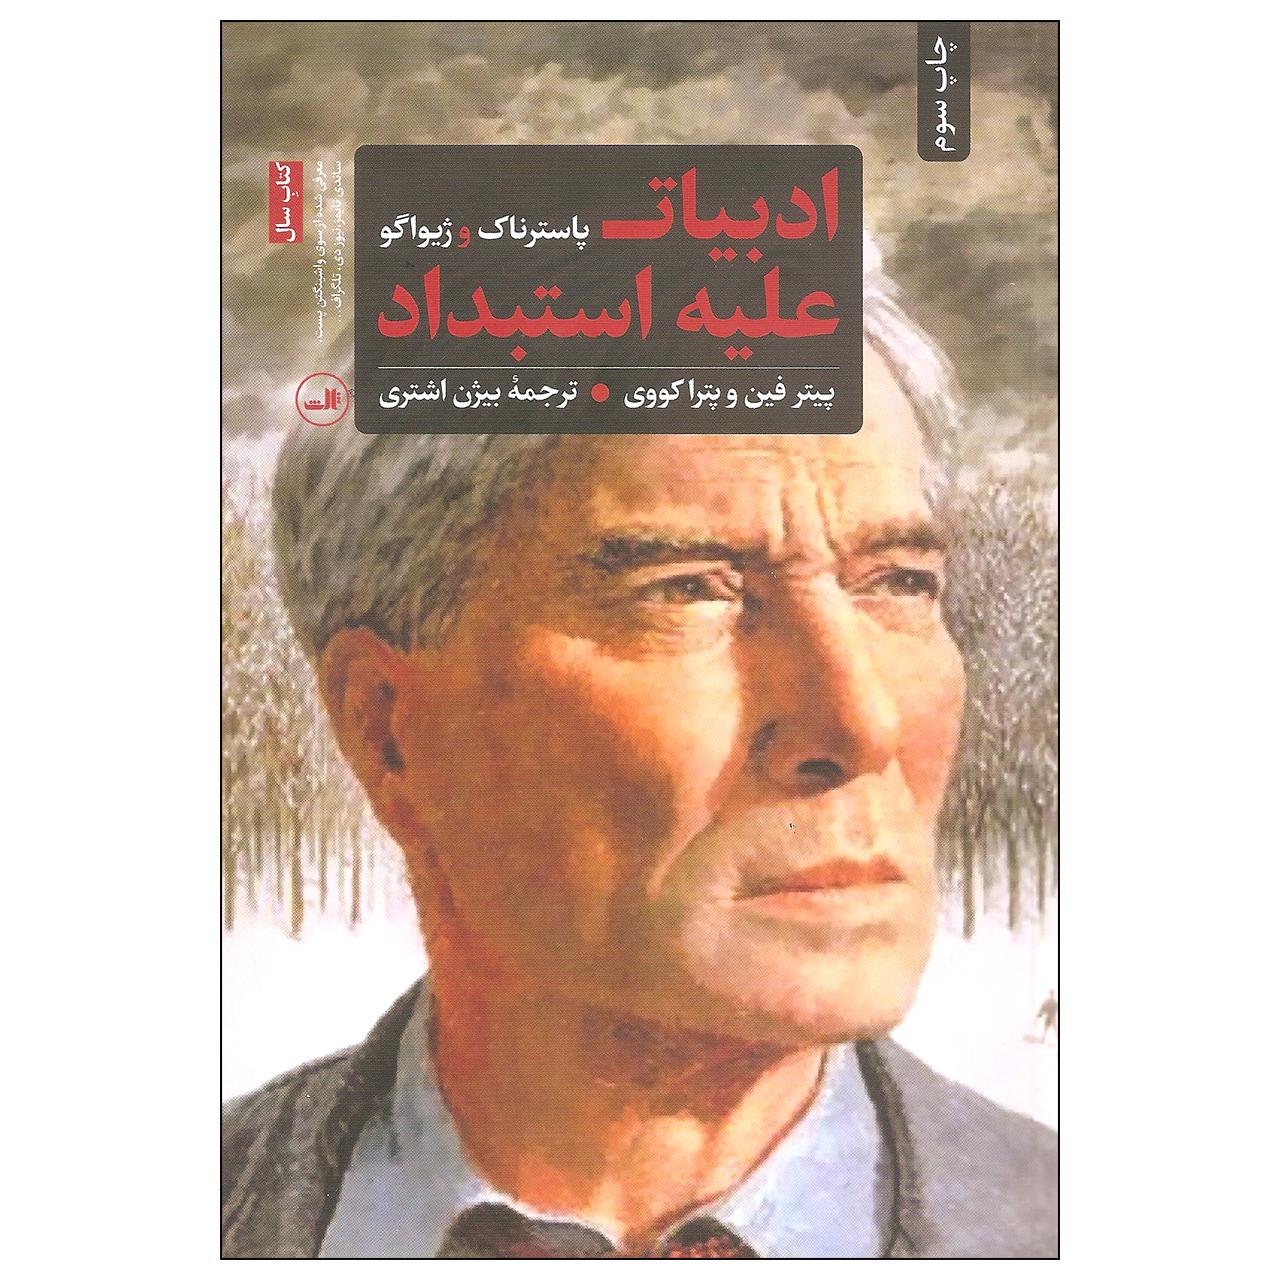 کتاب ادبیات علیه استبداد اثر پیتر فین و پترا کووی نشر ثالث